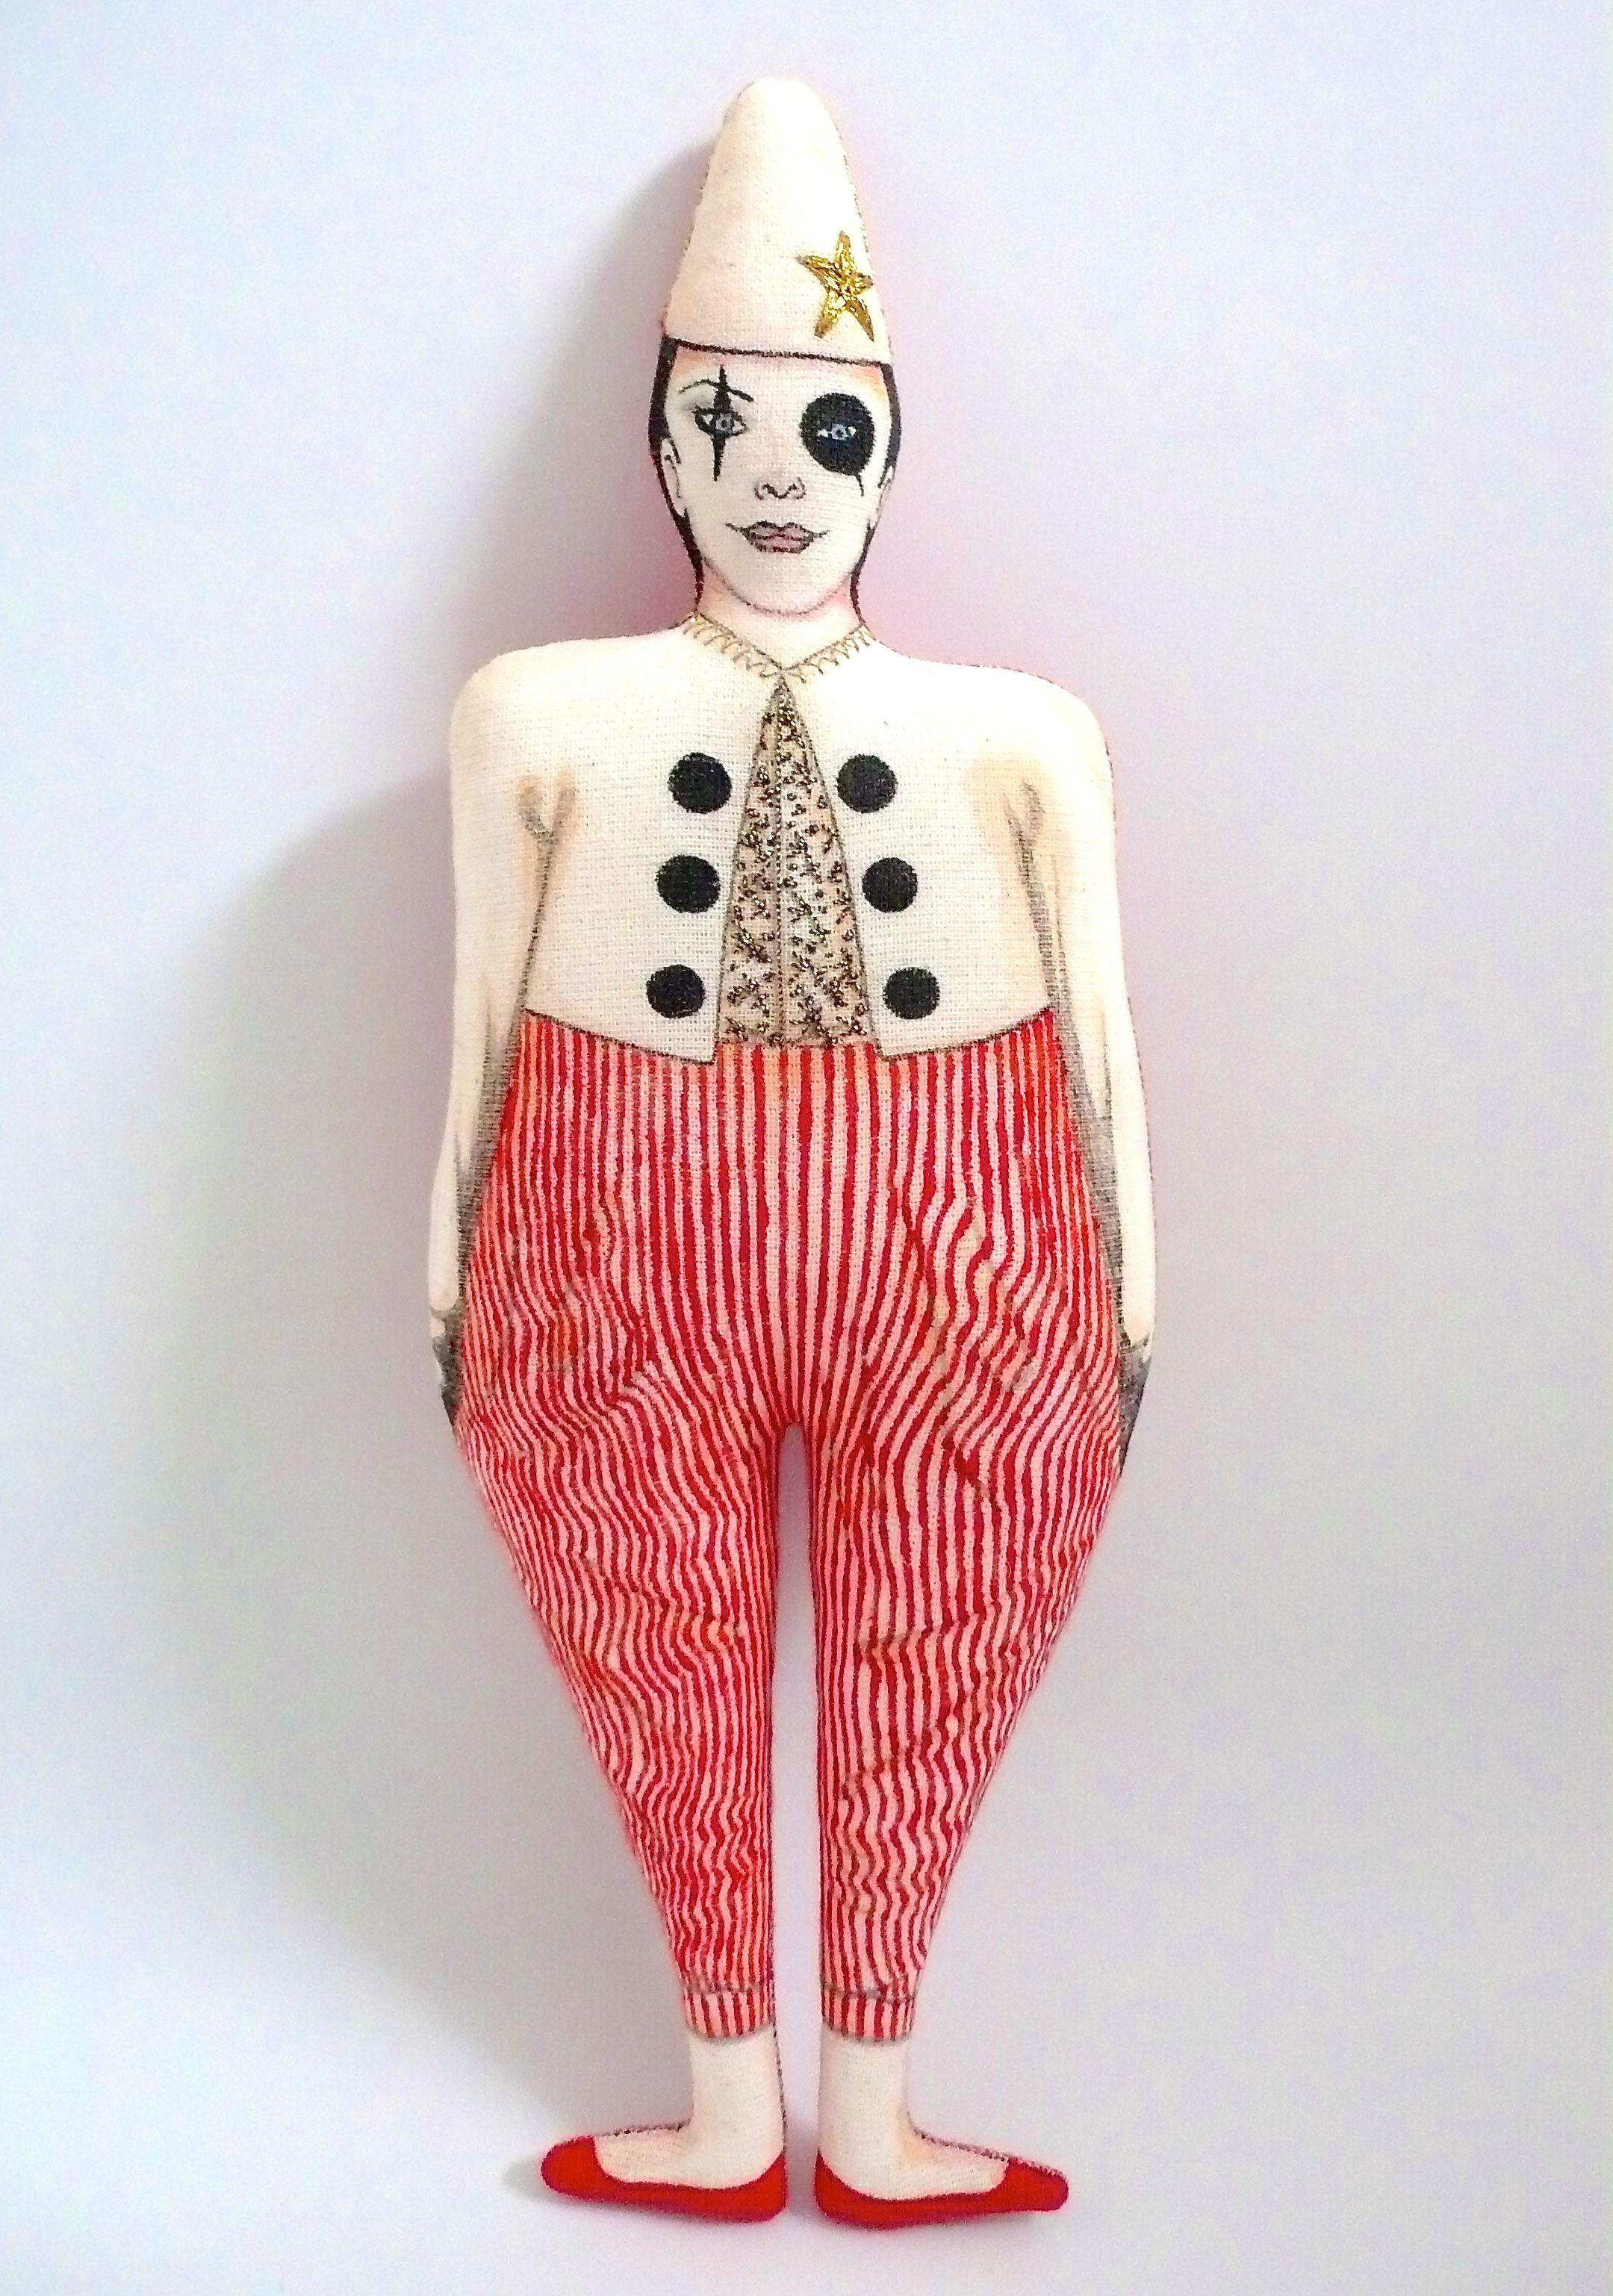 Clown de cirque vintage, poupée peinte et dessinée au feutres textile, vintage doll, broderies au fil doré, Un Radis m'a dit, boutique  https://www.alittlemarket.com/boutique/un_radis_m_a_dit-815807.html